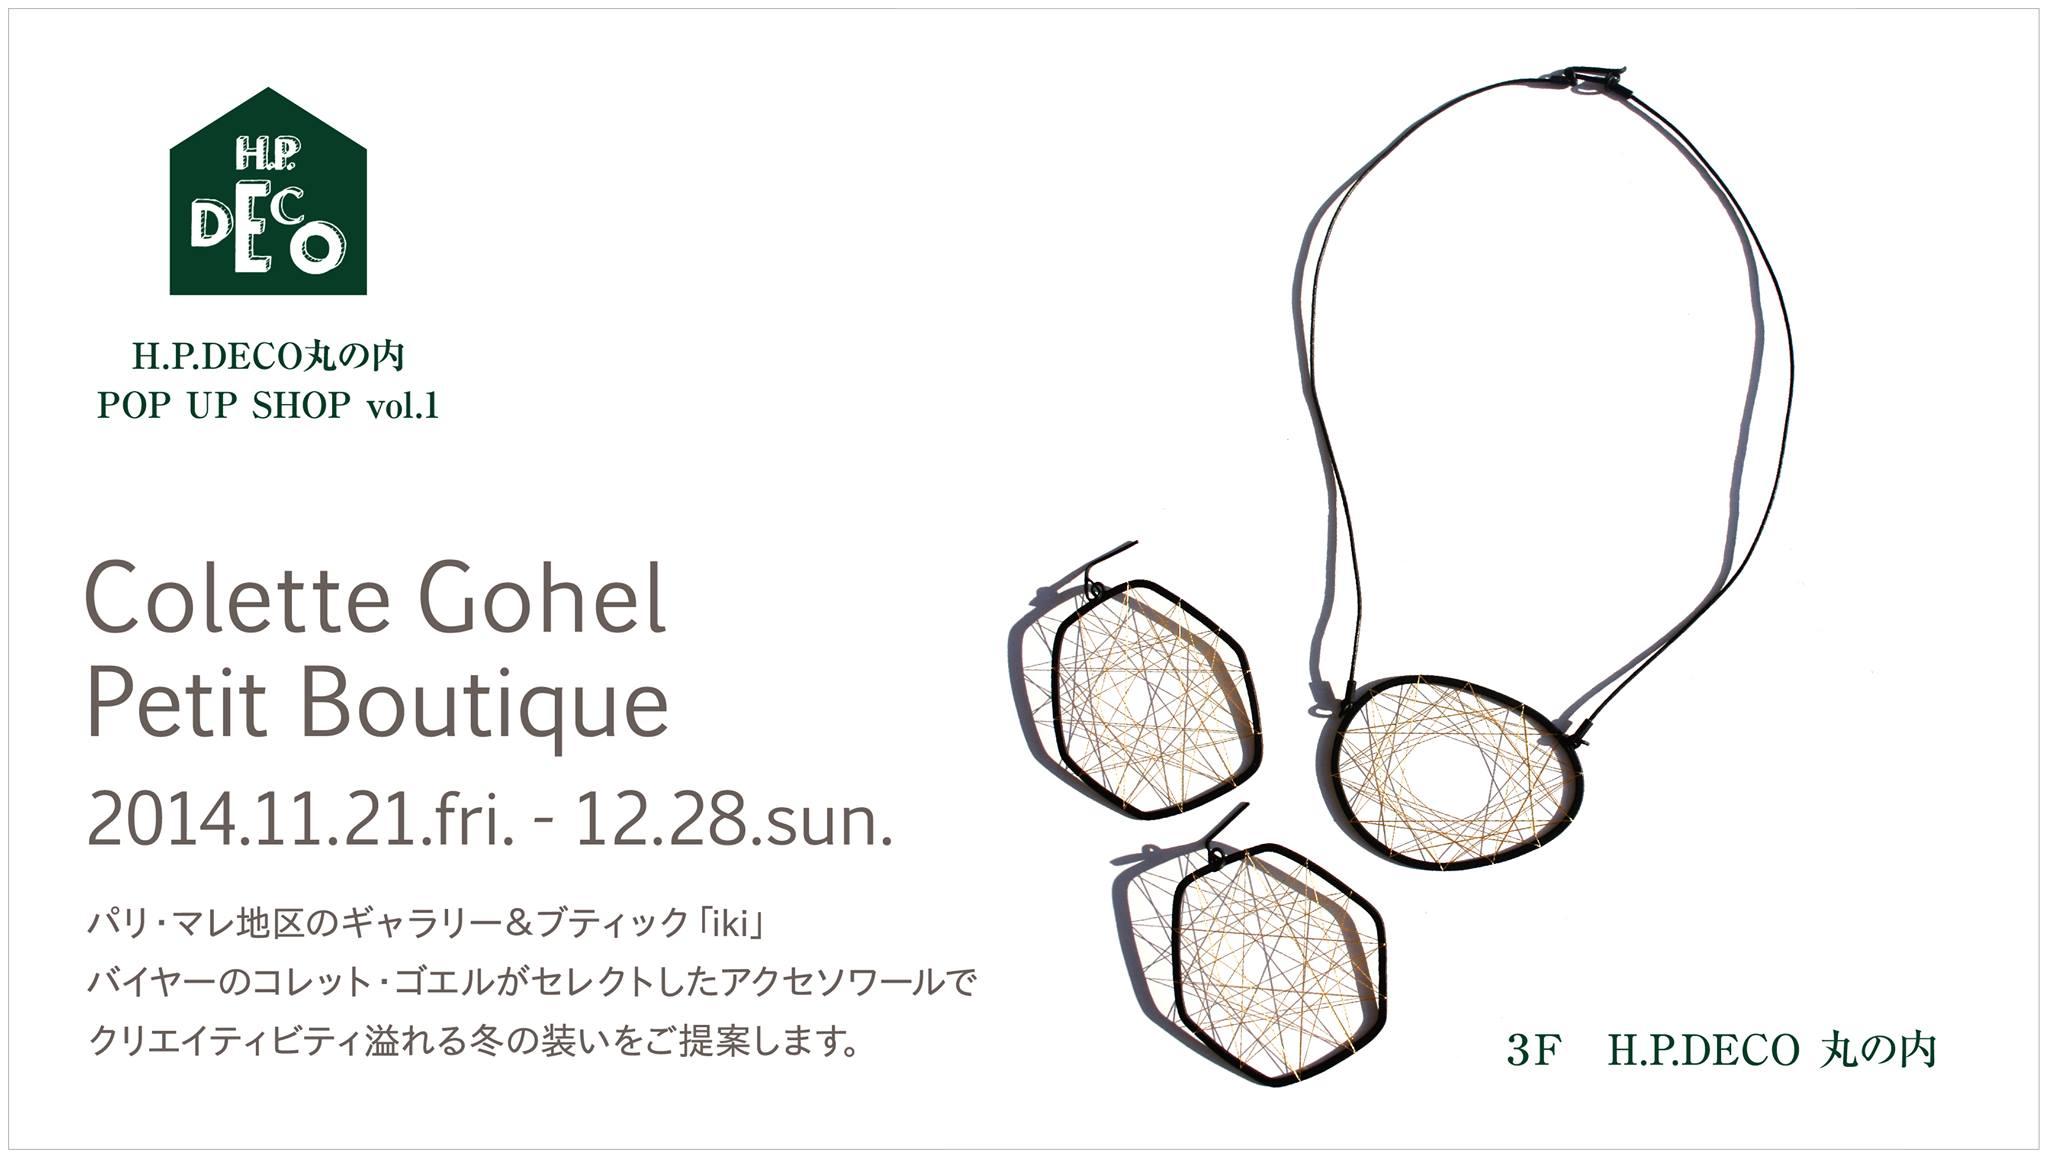 PETIT BOUTIQUE COLETTE GOHEL À TOKYO